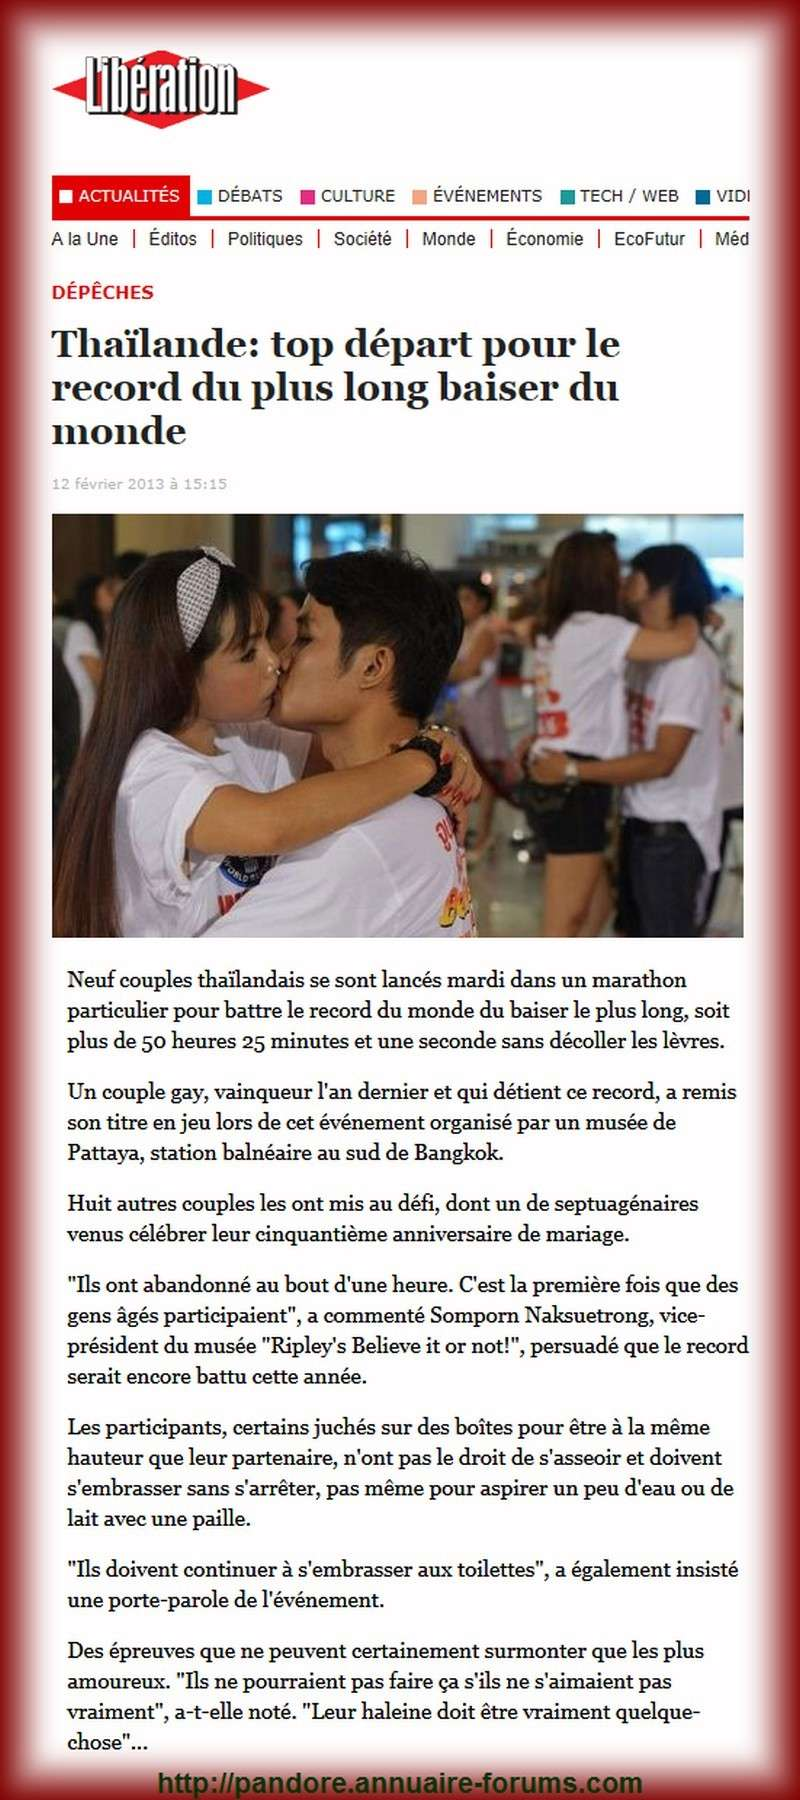 Neuf couples thaïlandais se sont lancés mardi dans un marathon particulier pour battre le record du monde du baiser le plus long A35